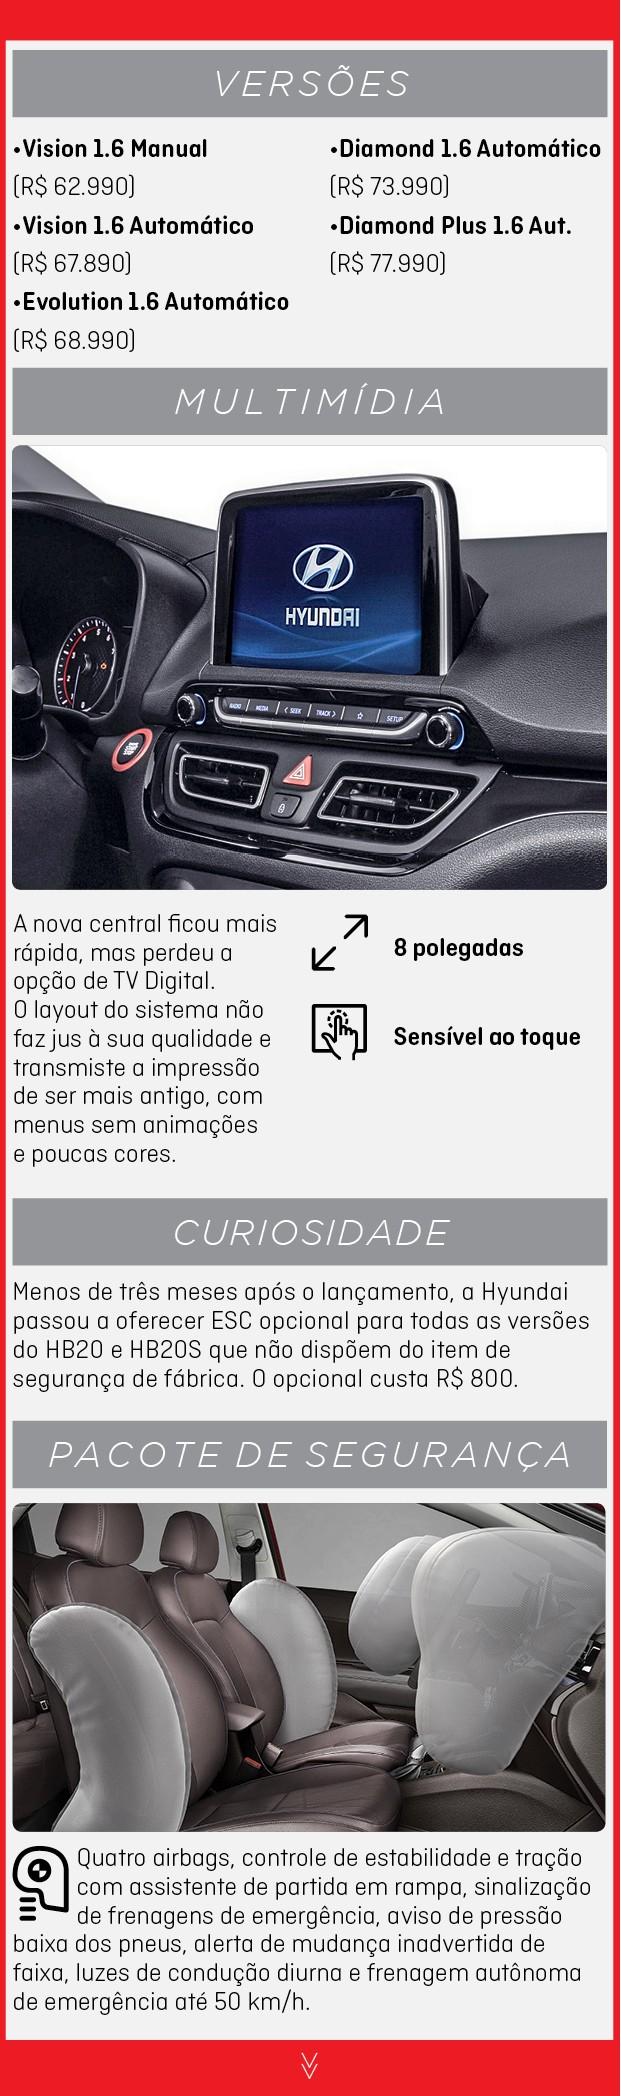 Hyundai HB20x (Foto: Divulgação)